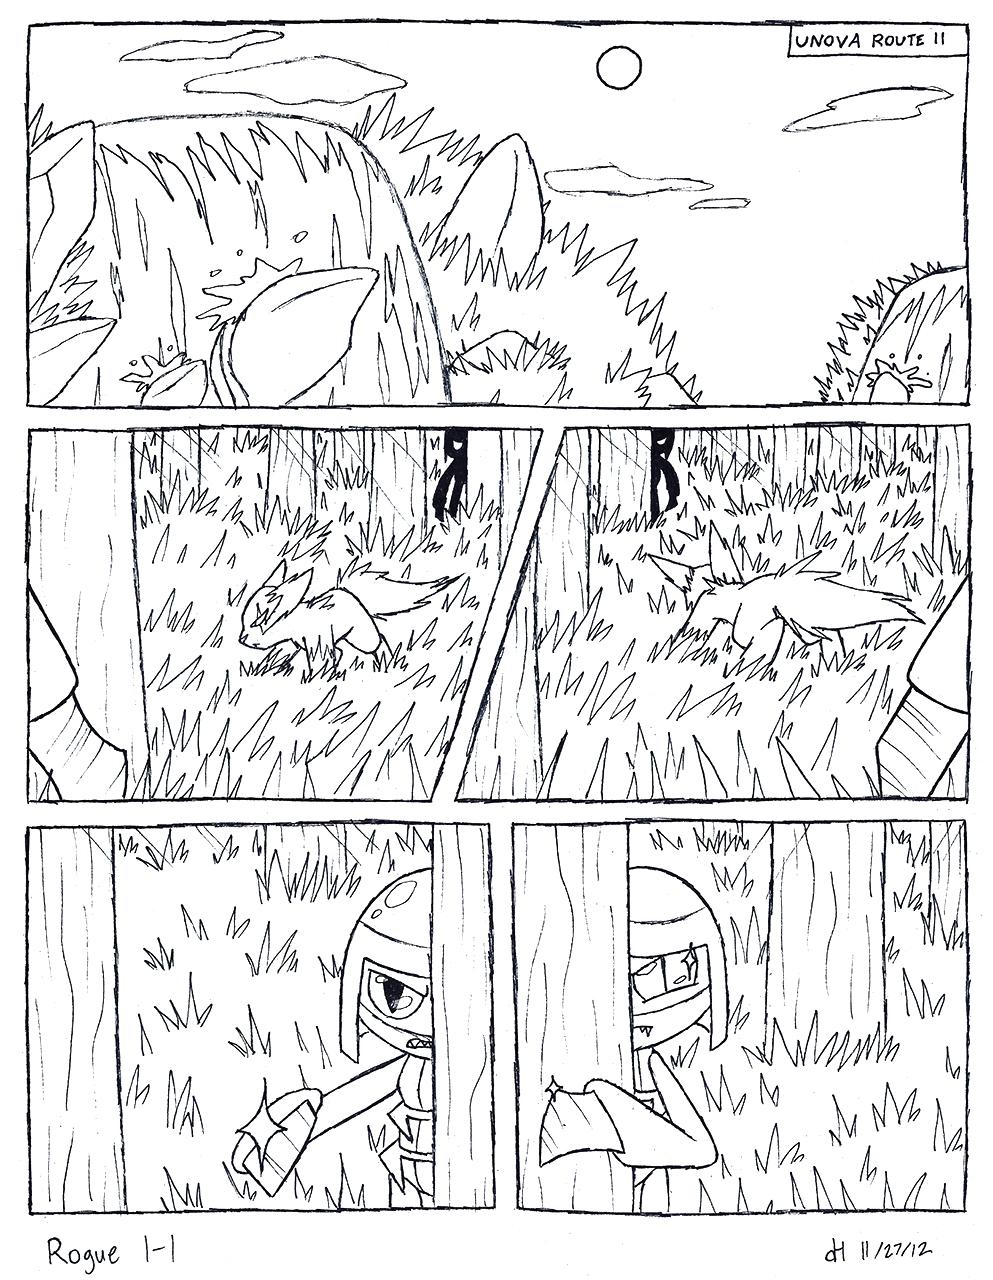 Rogue 1-1 Sketch